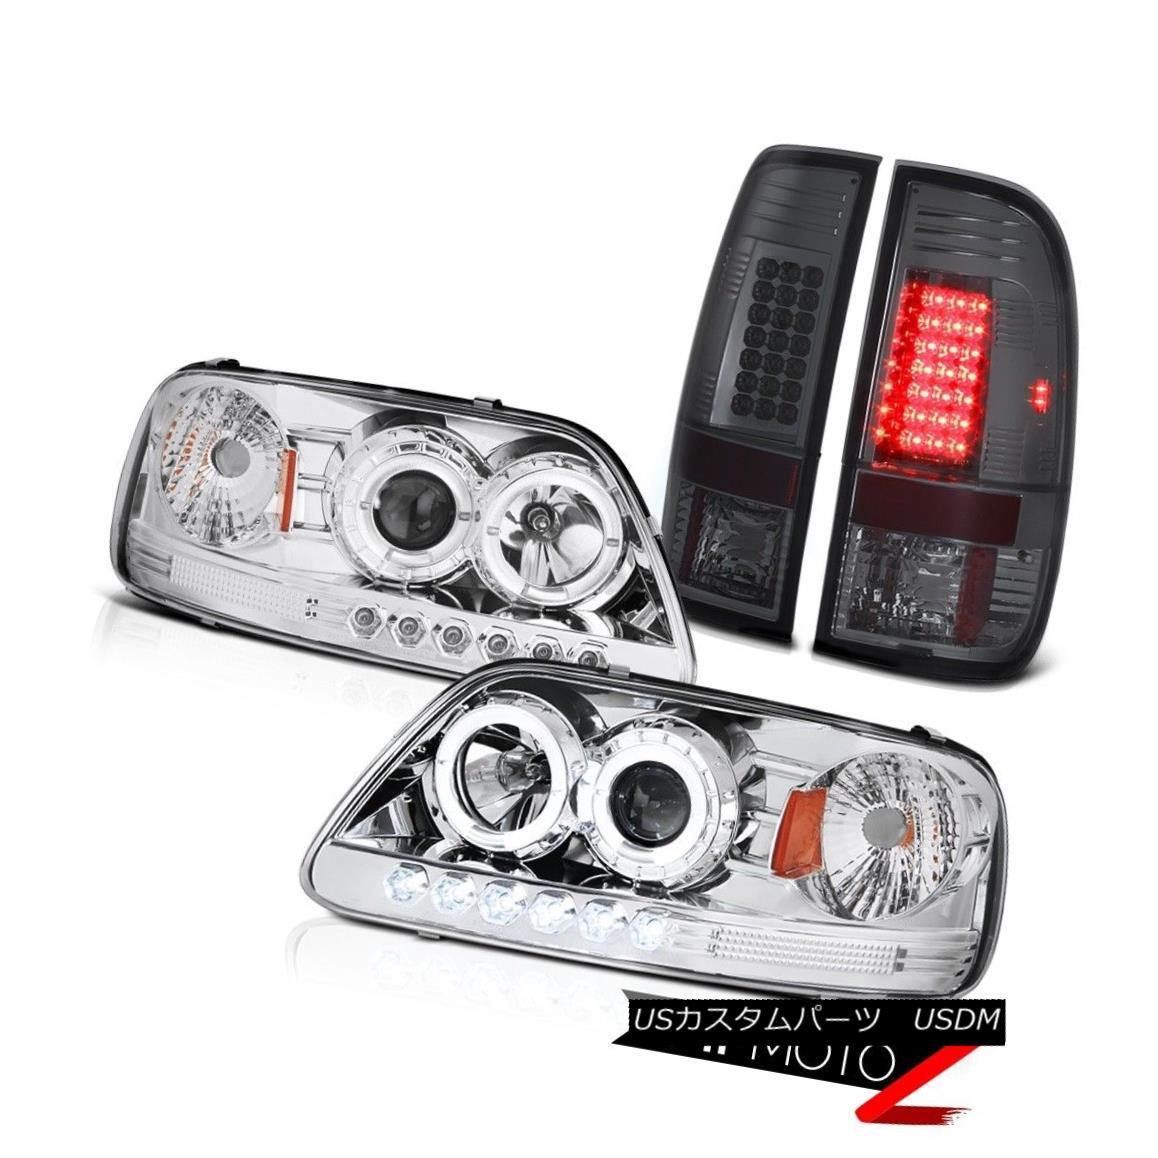 テールライト F150 Hertiage 97-03 Chrome Halo LED Headlights Smoke Pair Signal Rear Tail Light F150 Heritage 97-03 Chrome Halo LEDヘッドライトスモークペア信号リアテールライト